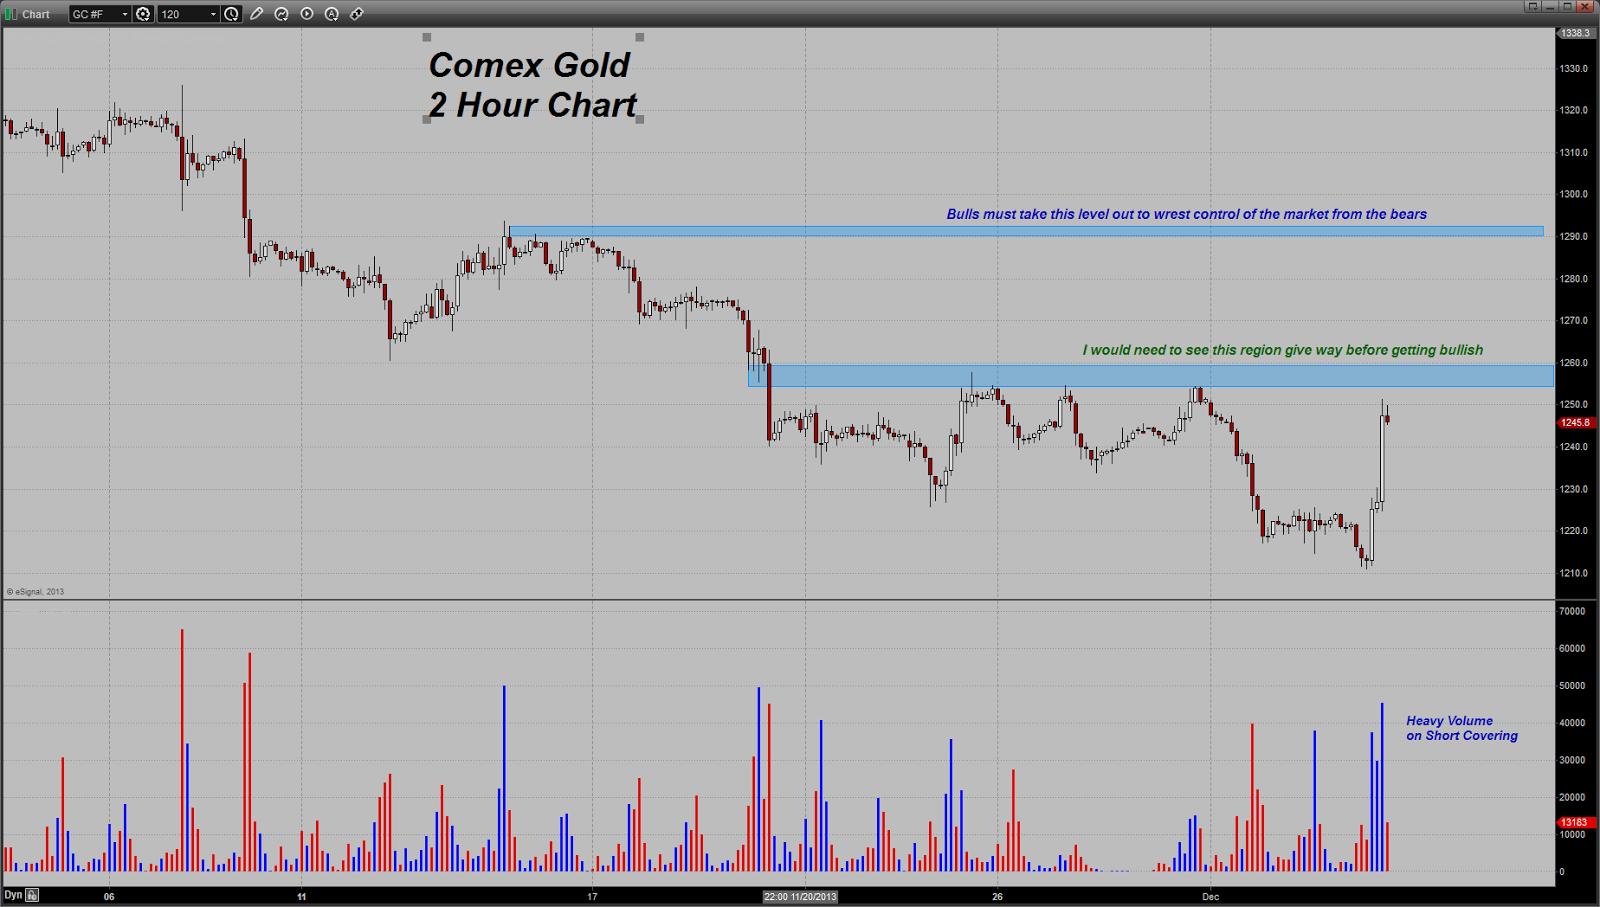 prix de l'or, de l'argent et des minières / suivi quotidien en clôture - Page 7 Chart20131204105803